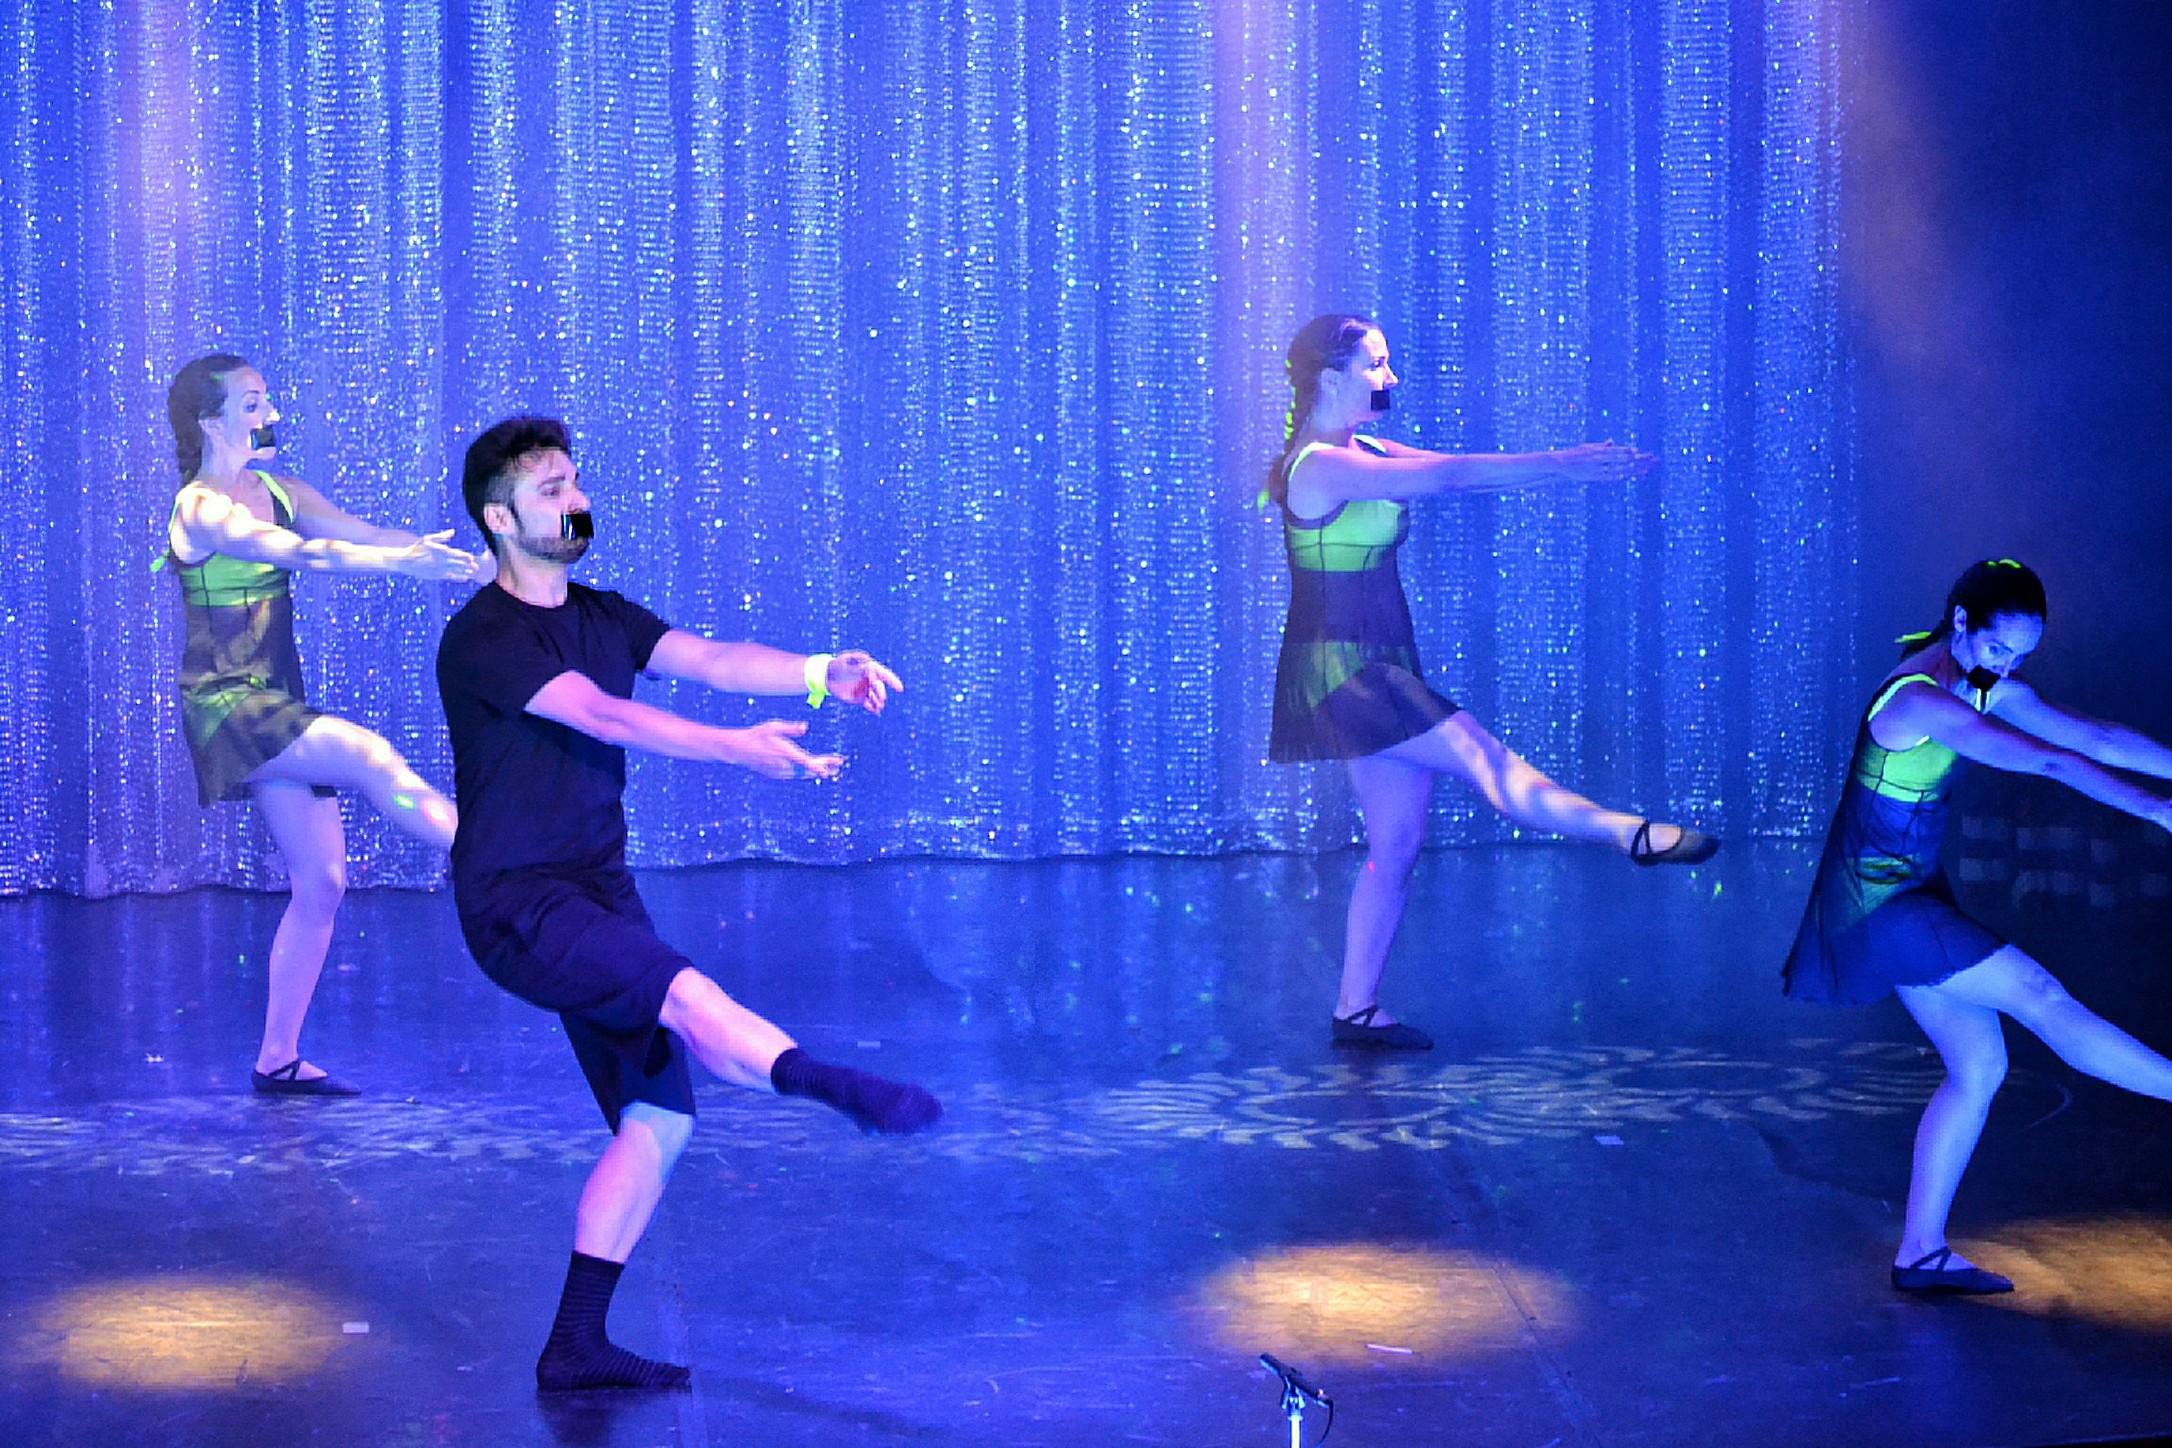 Linea-de-Baile-festival-verano-2015-clases-de-baile-valencia-52